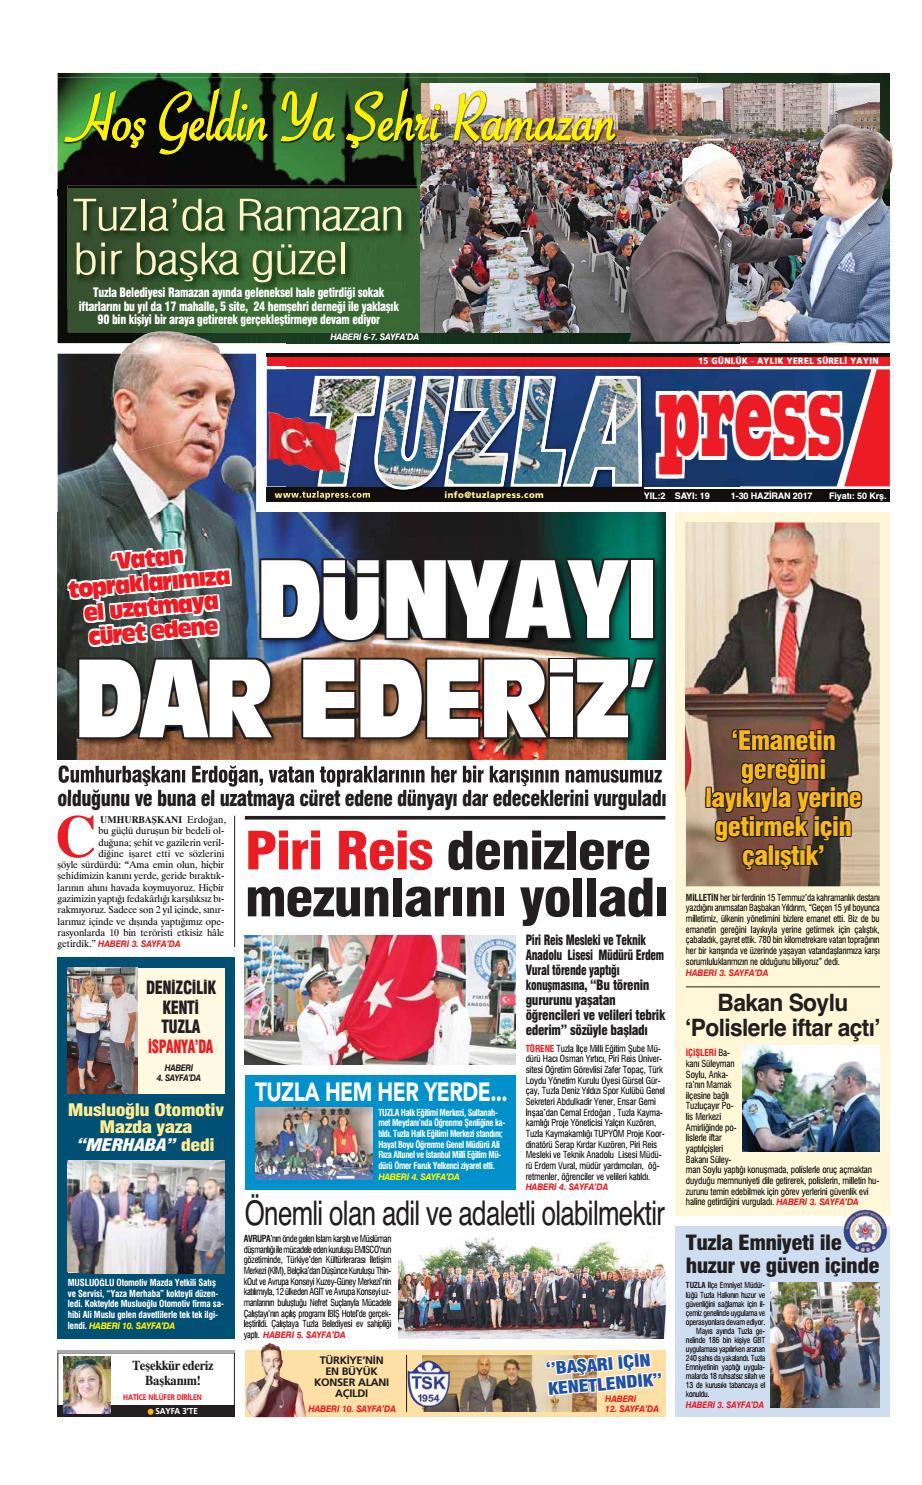 Arena'lara İnat Karşıyaka Spor Salonunun Adı Mustafa Kemal Atatürk' Oldu 57